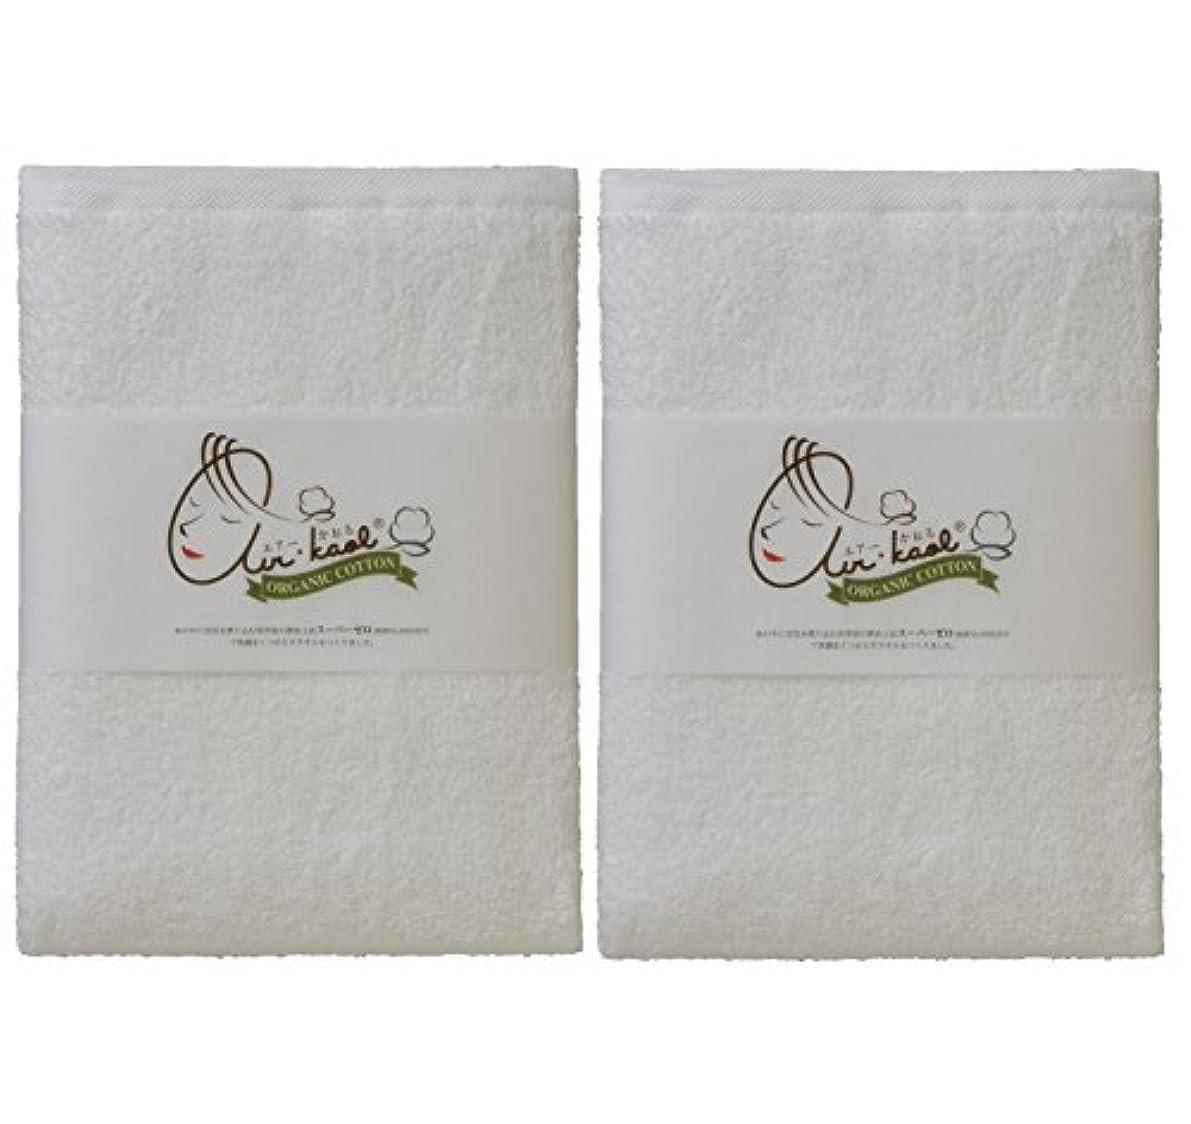 霧ジェームズダイソン指標エアーかおる バスタオル ホワイト 60×120×1cm 2個セット